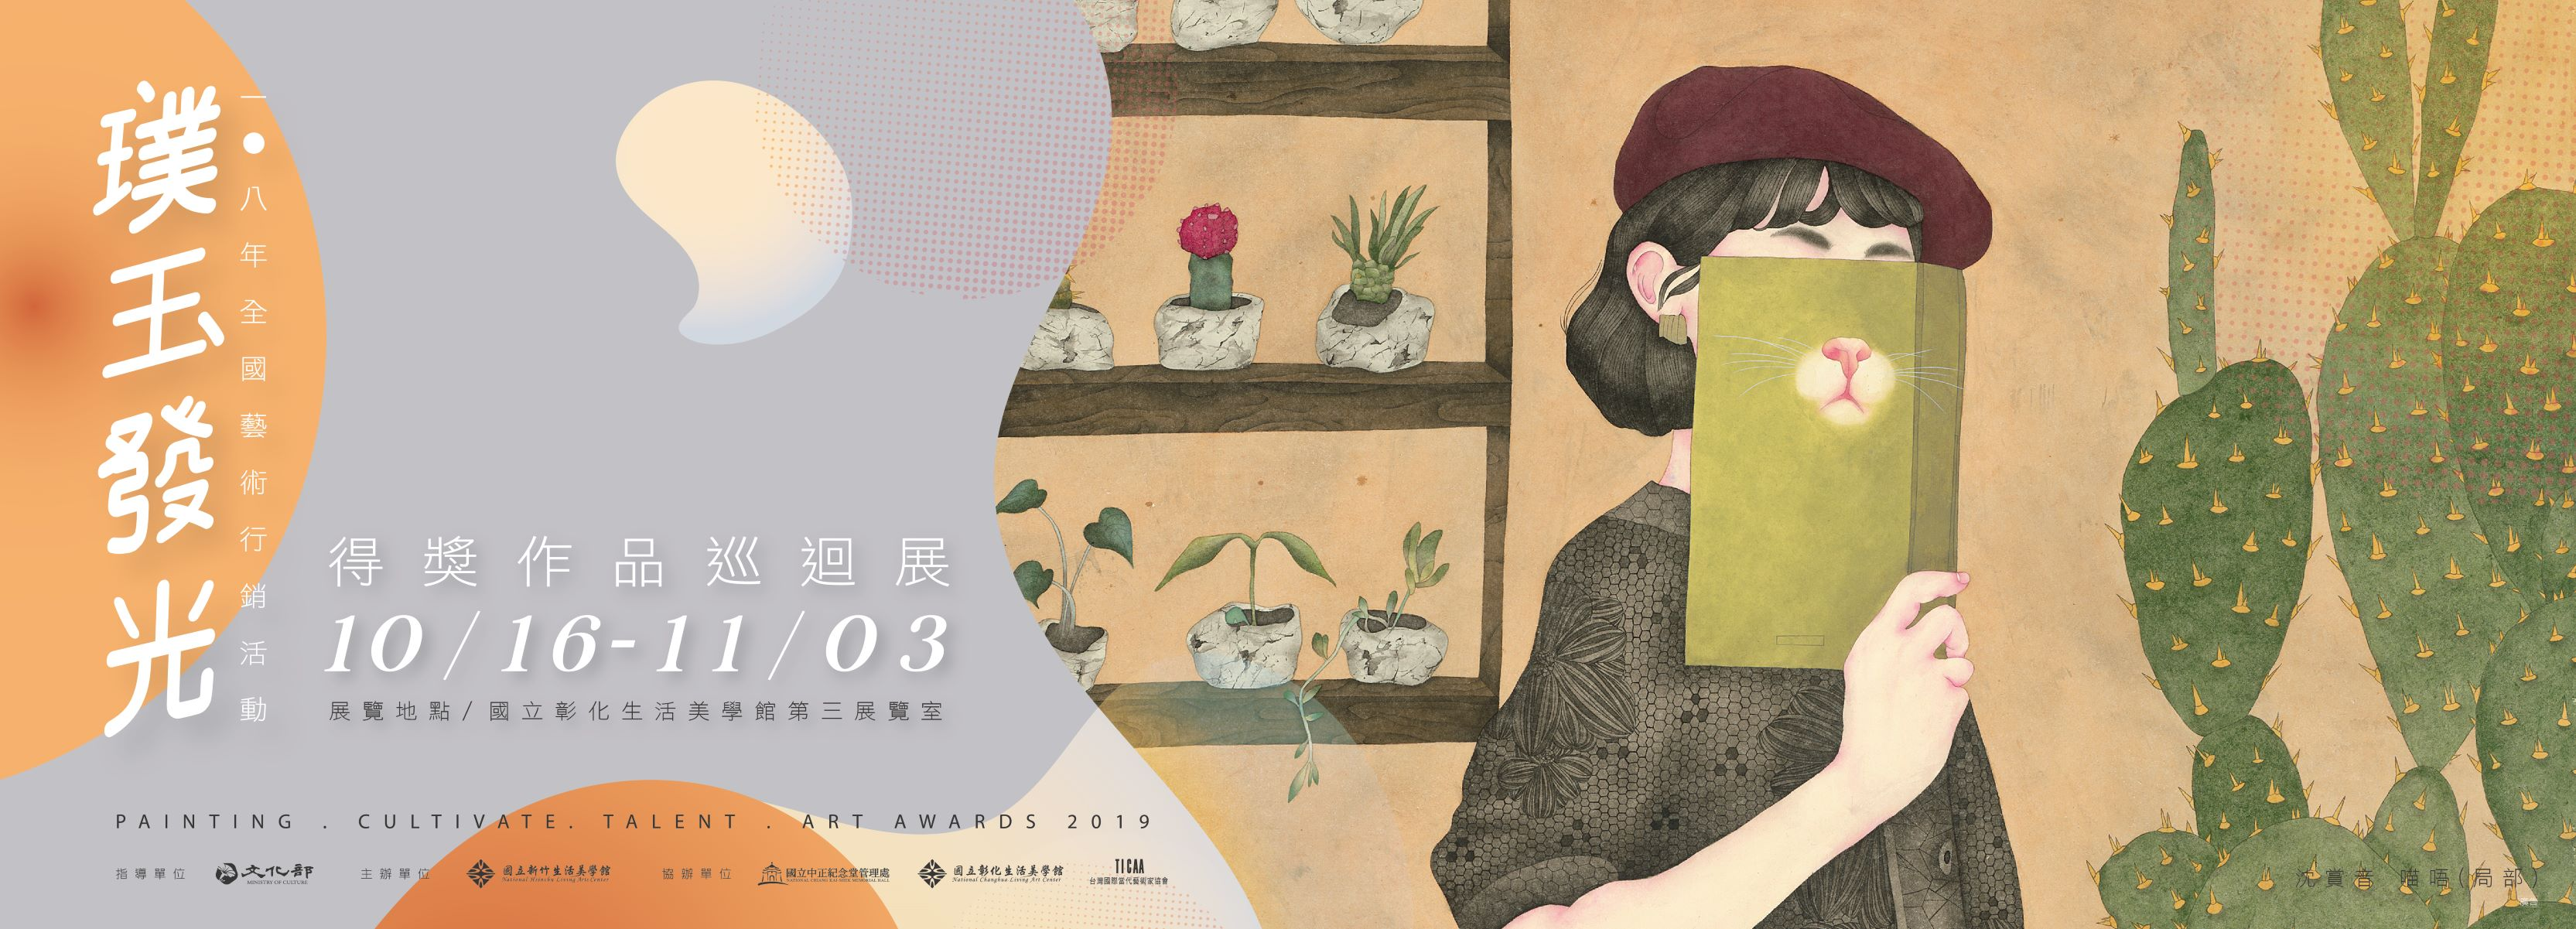 108年「璞玉發光-全國藝術行銷活動」得獎作品巡迴展(第三站)   [另開新視窗]